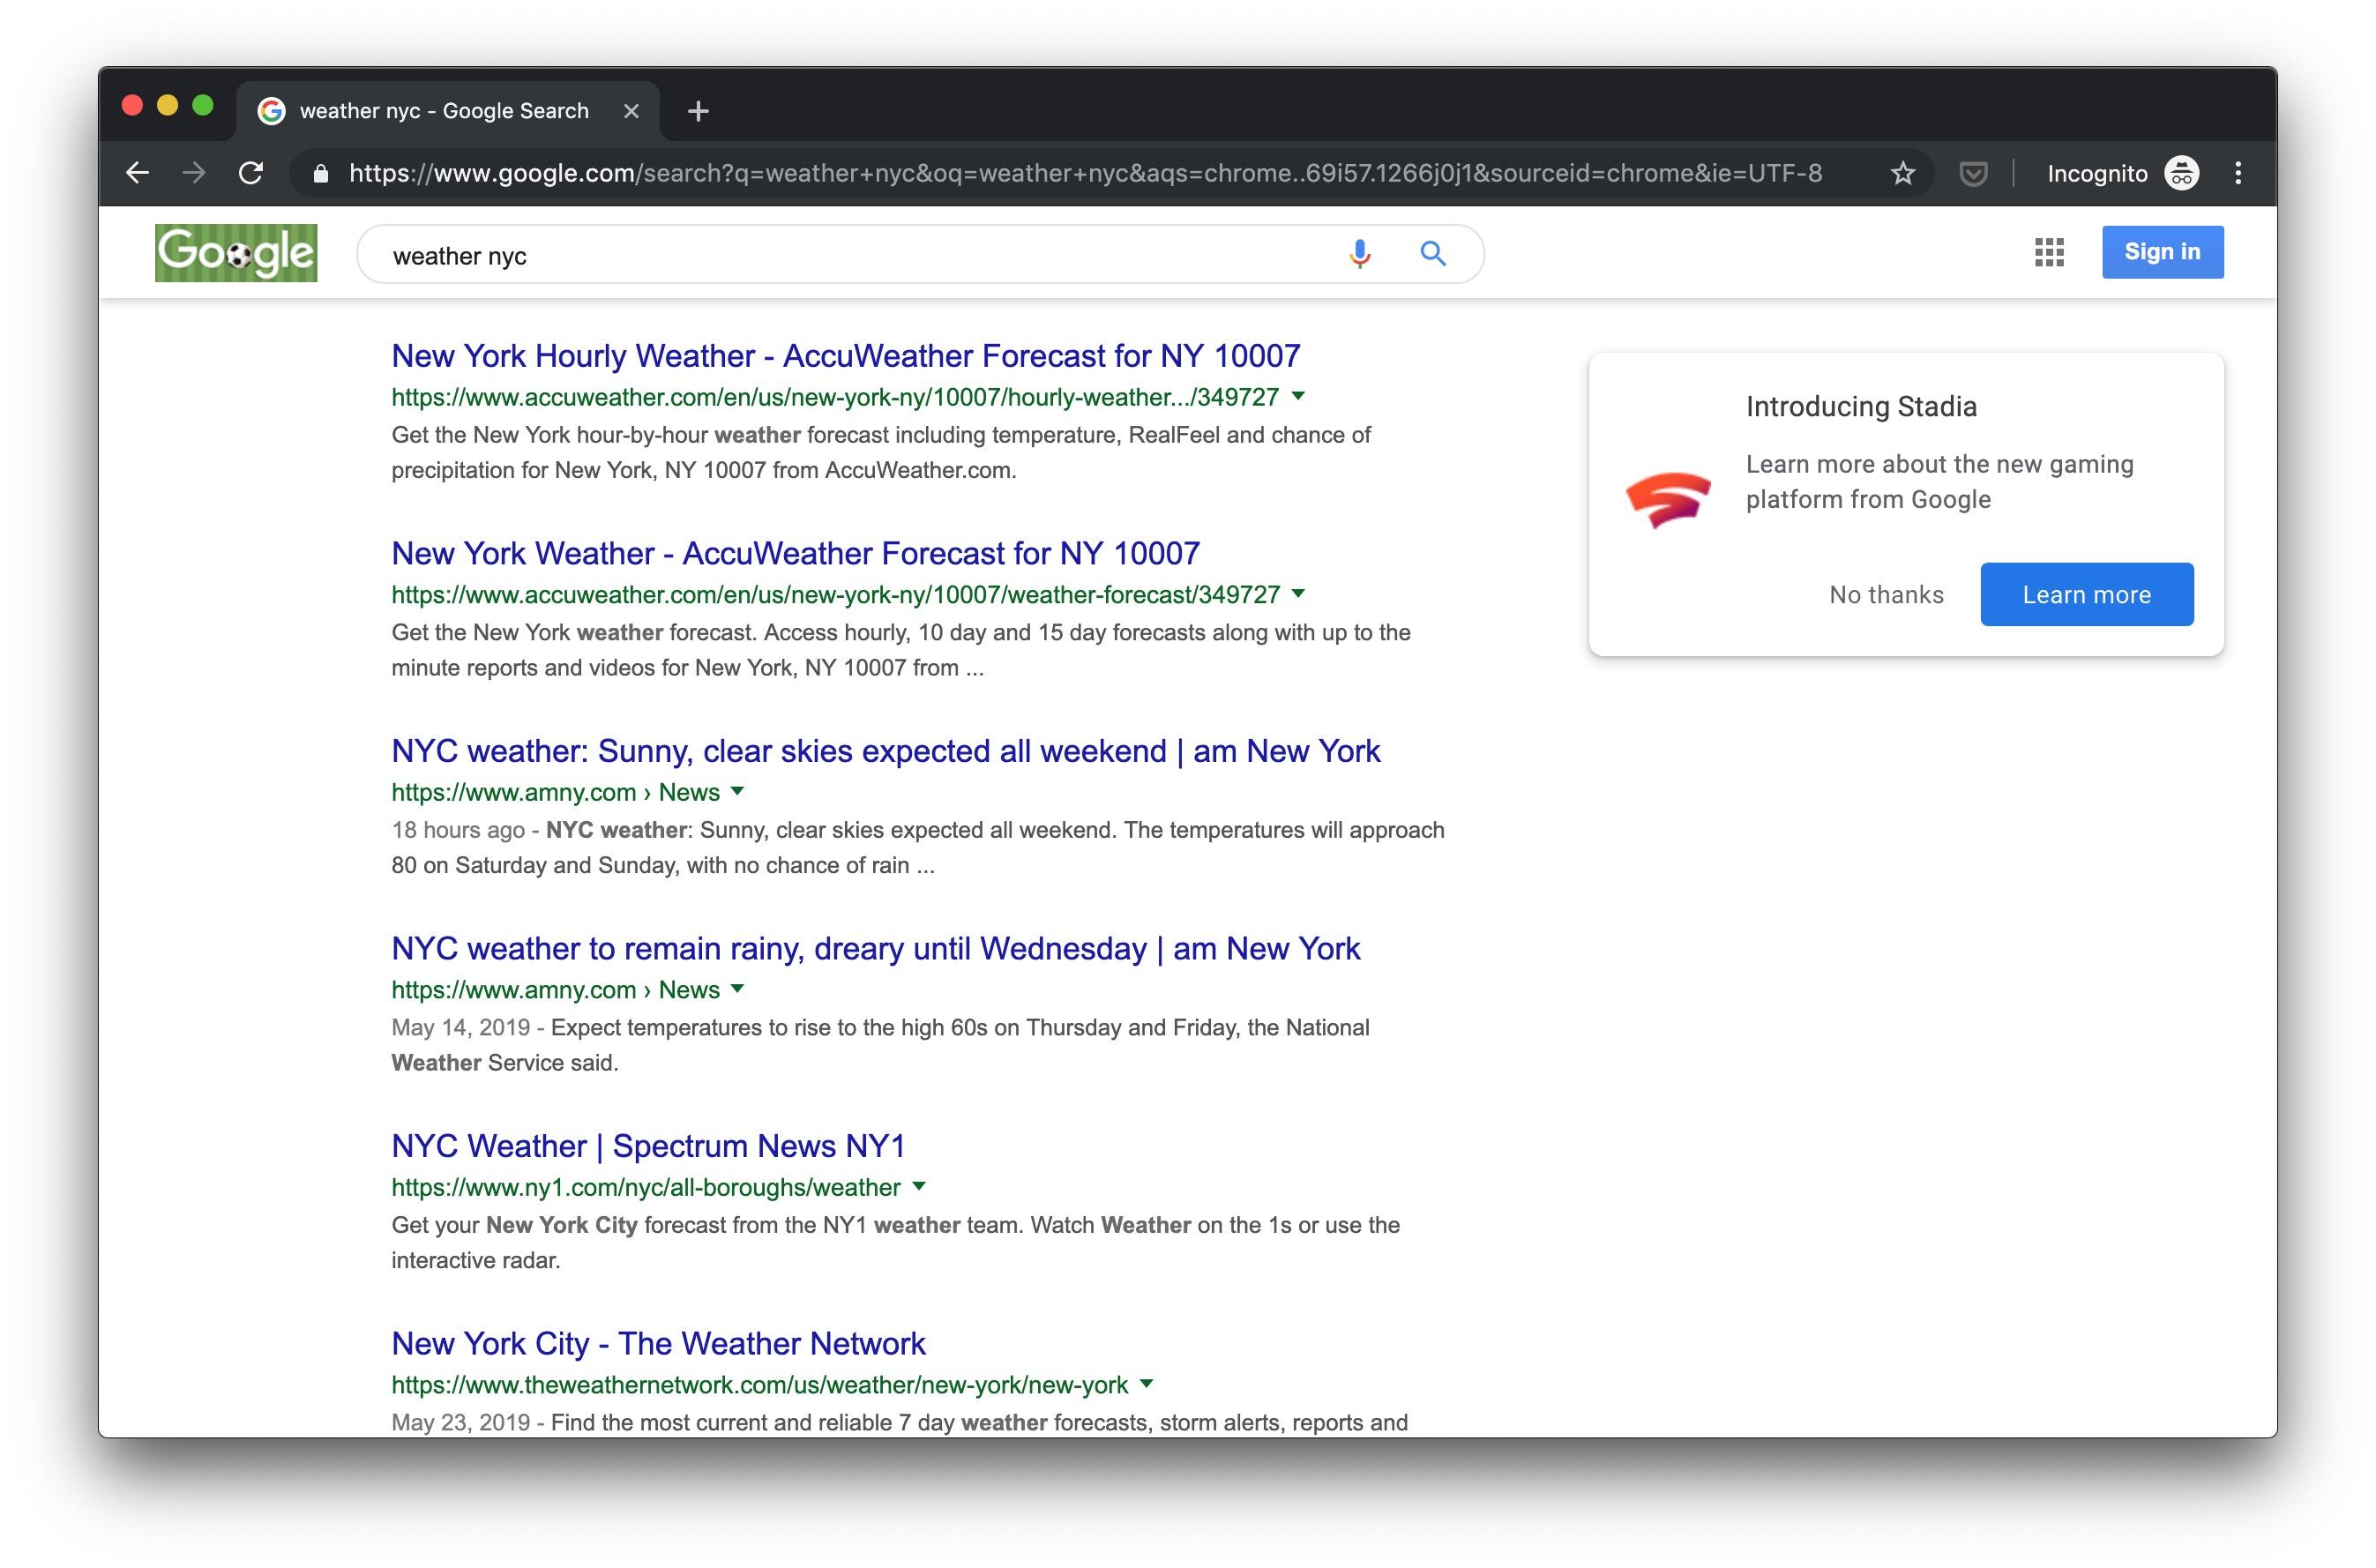 El anuncio de Google Stadia ya aparece en búsqueda 1